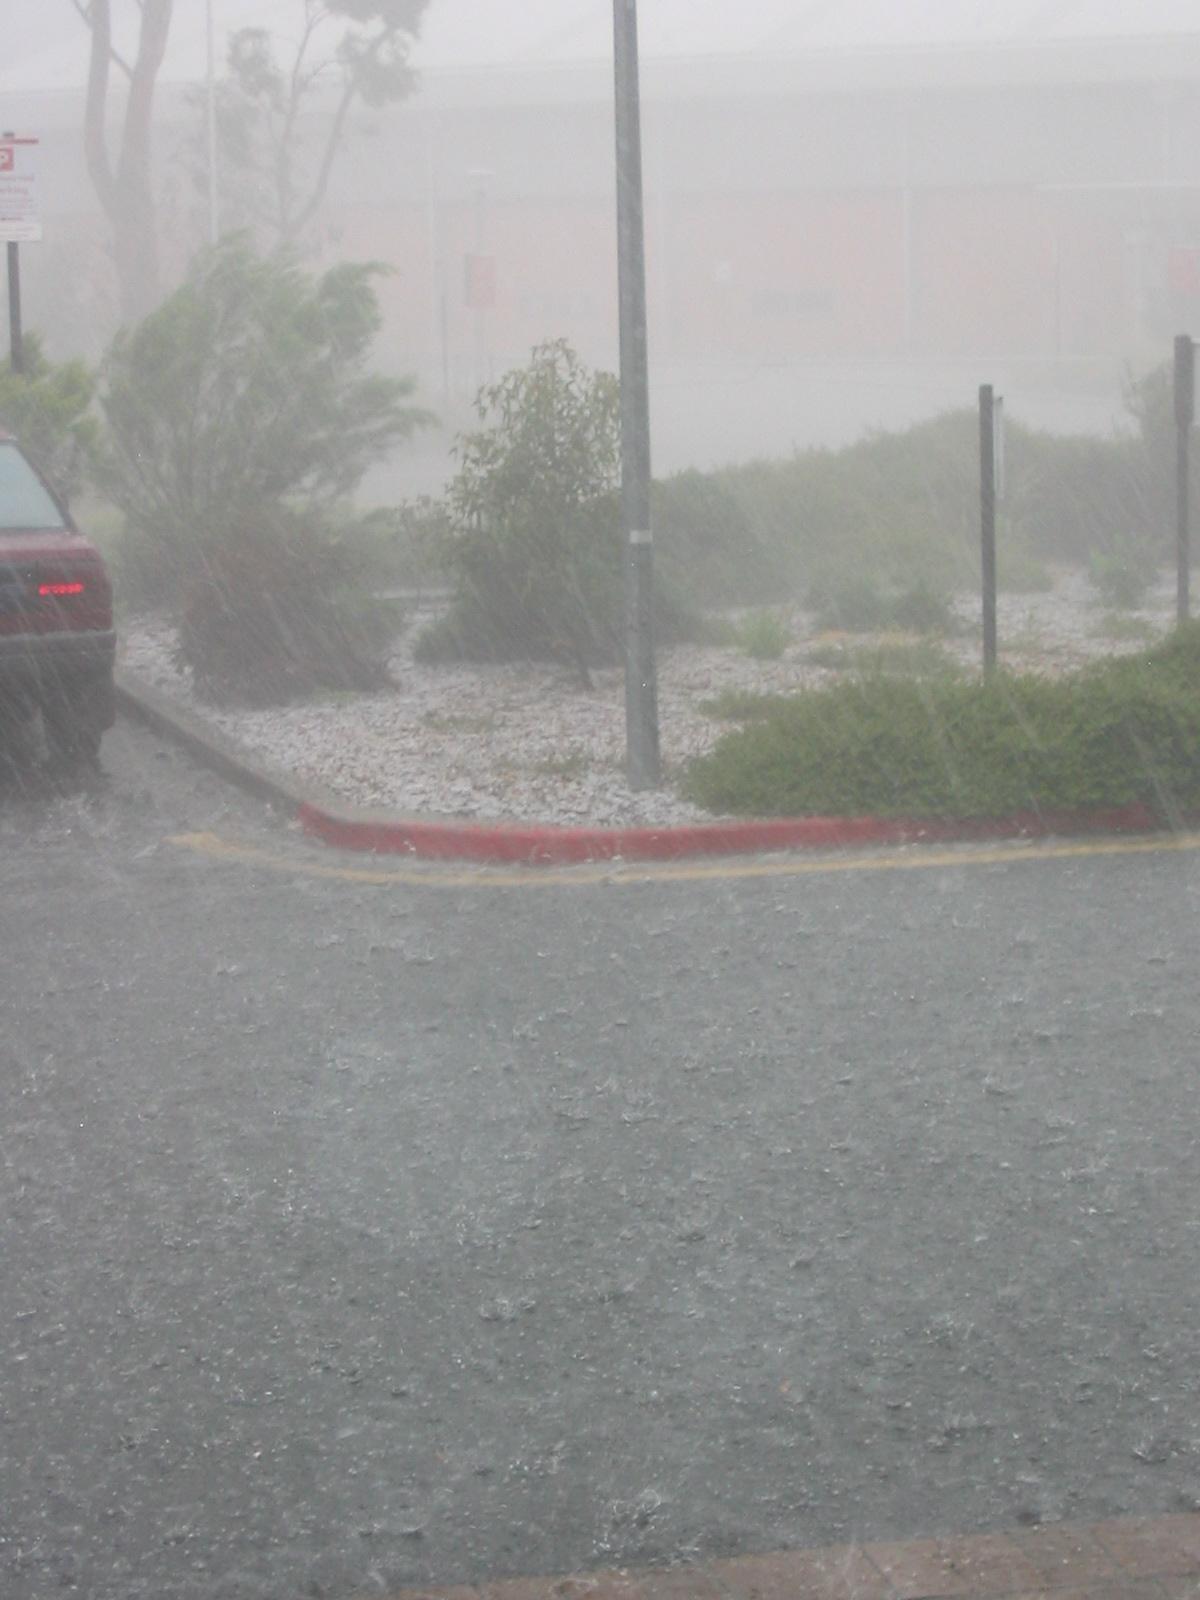 """""""http://svana.org/sjh/images/heavy_rain/heavy_rain_full.jpg"""" irudia ezin da bistaratu, akatsak dituelako."""